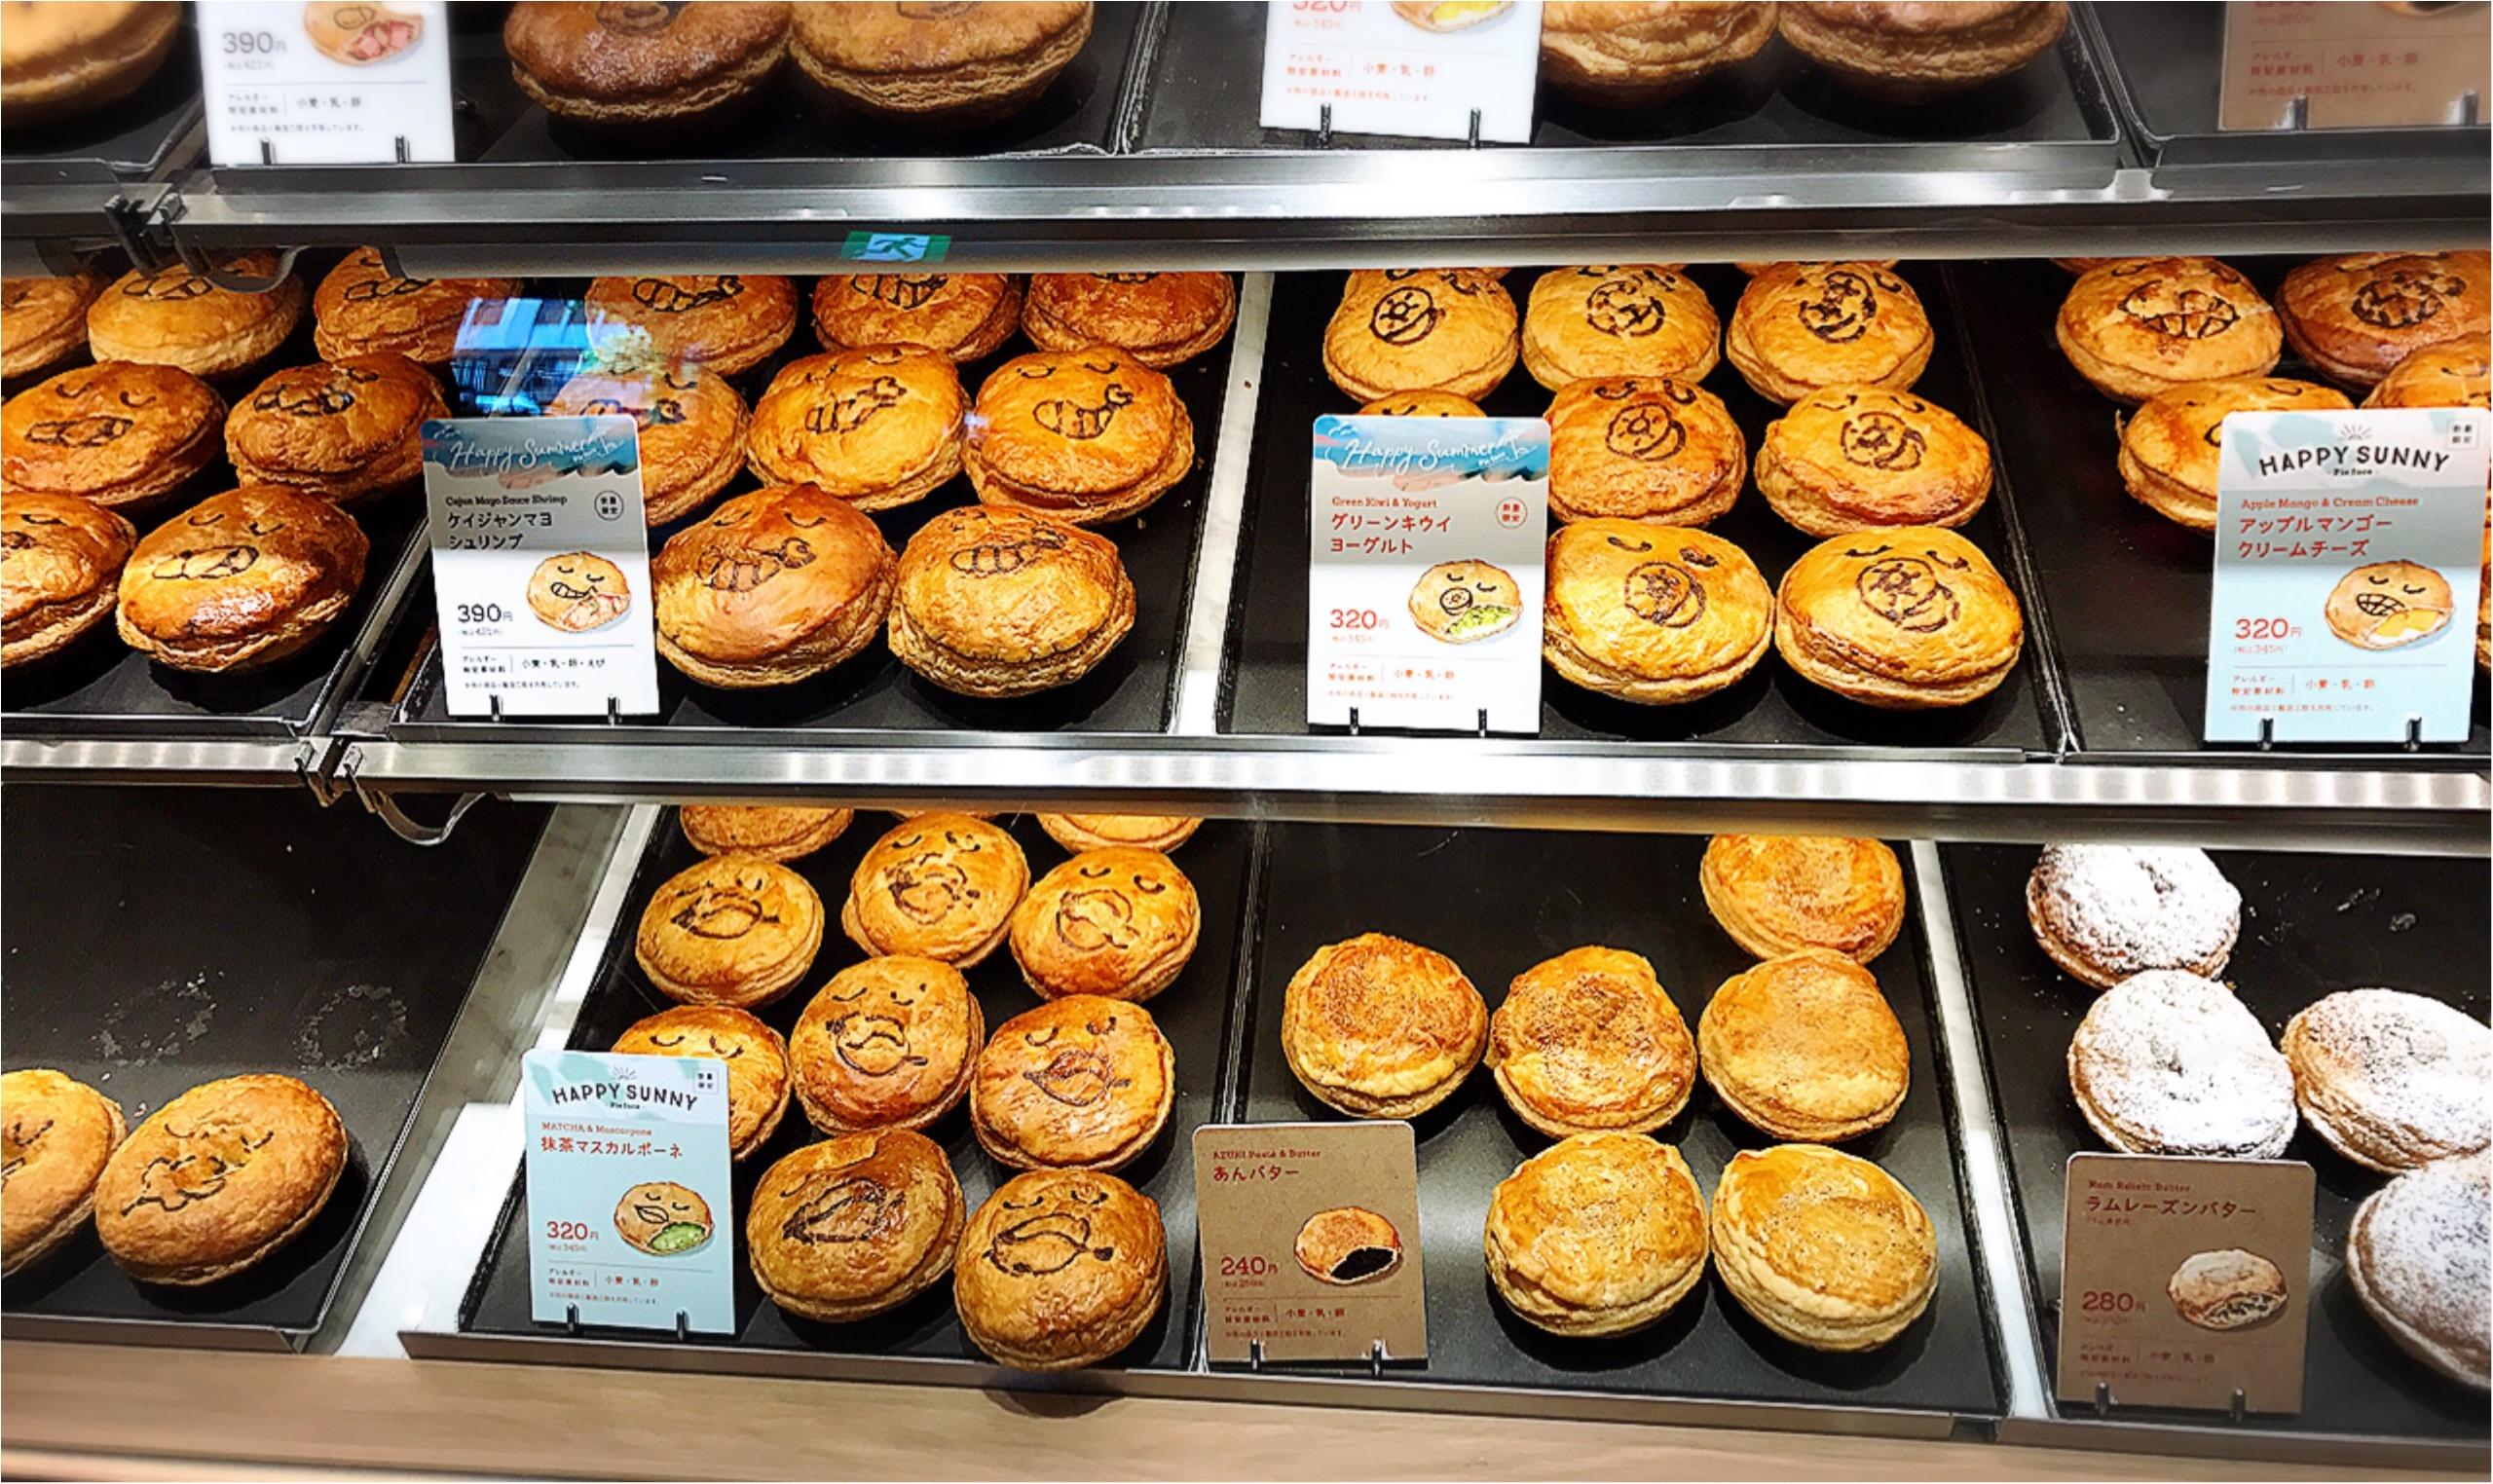 ★食べるのがもったいない⁉︎『Pie face』のにっこりパイが美味しくて可愛すぎる★_2